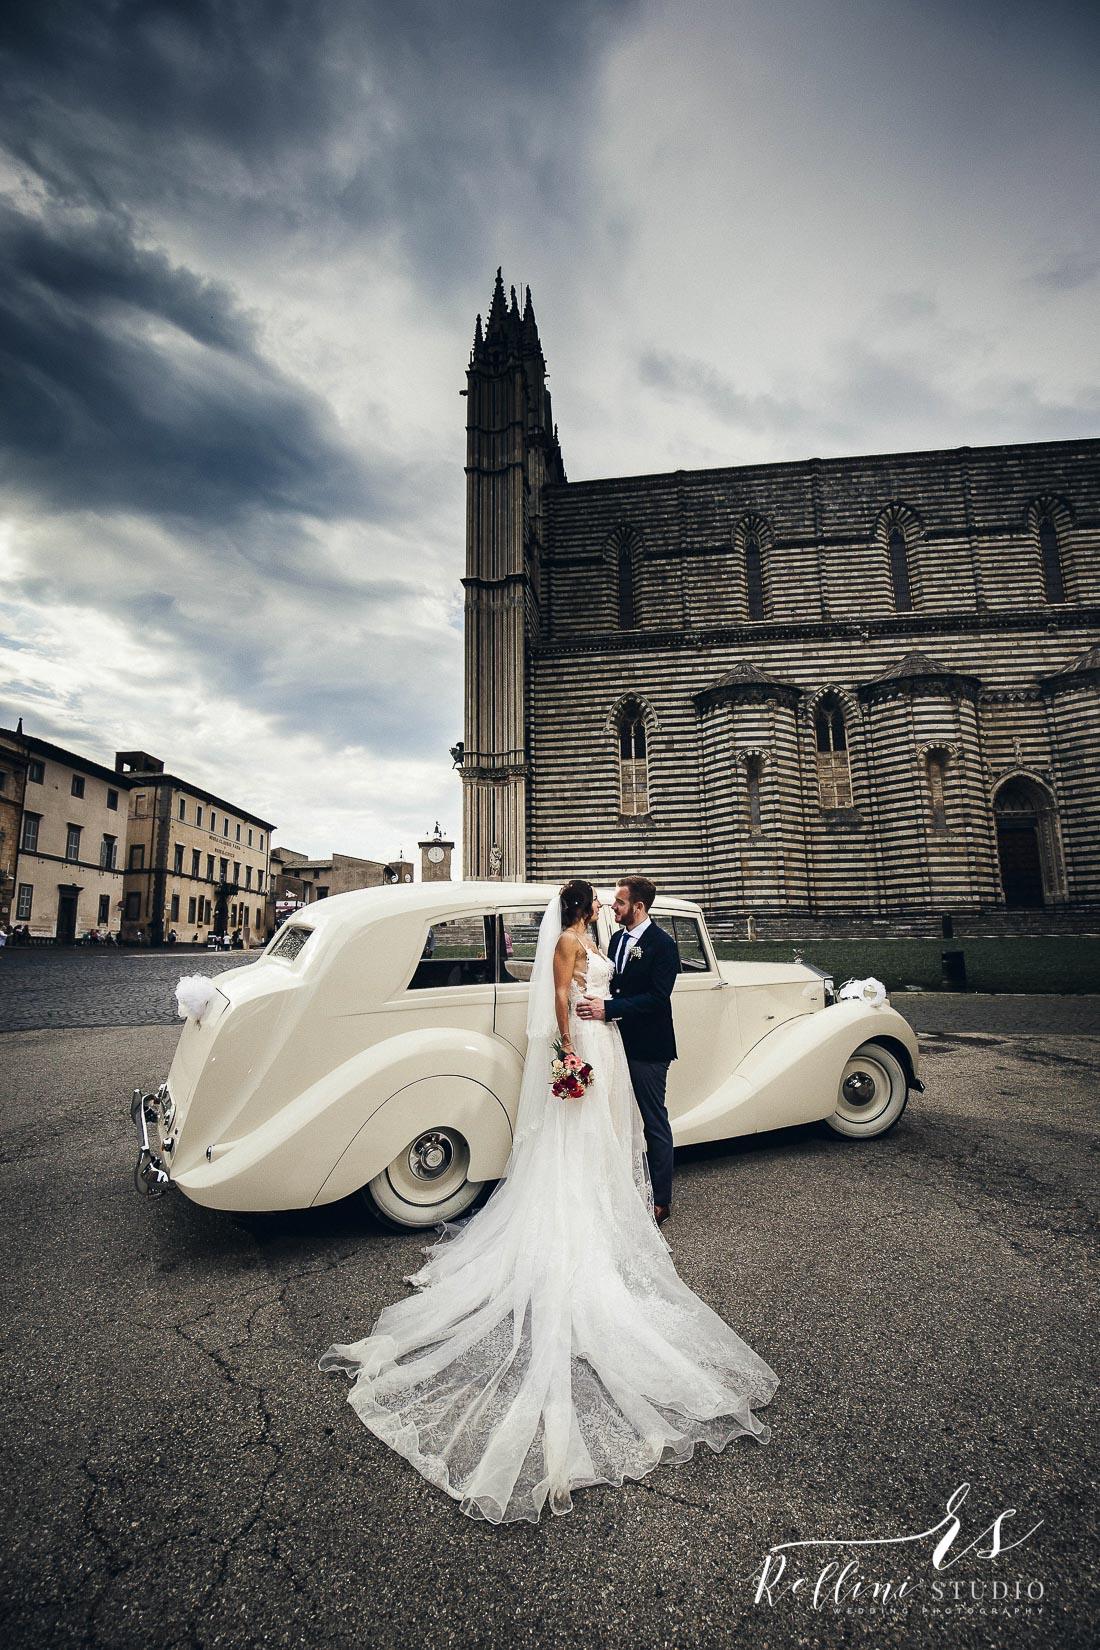 wedding at Palazzone in Orvieto 079.jpg